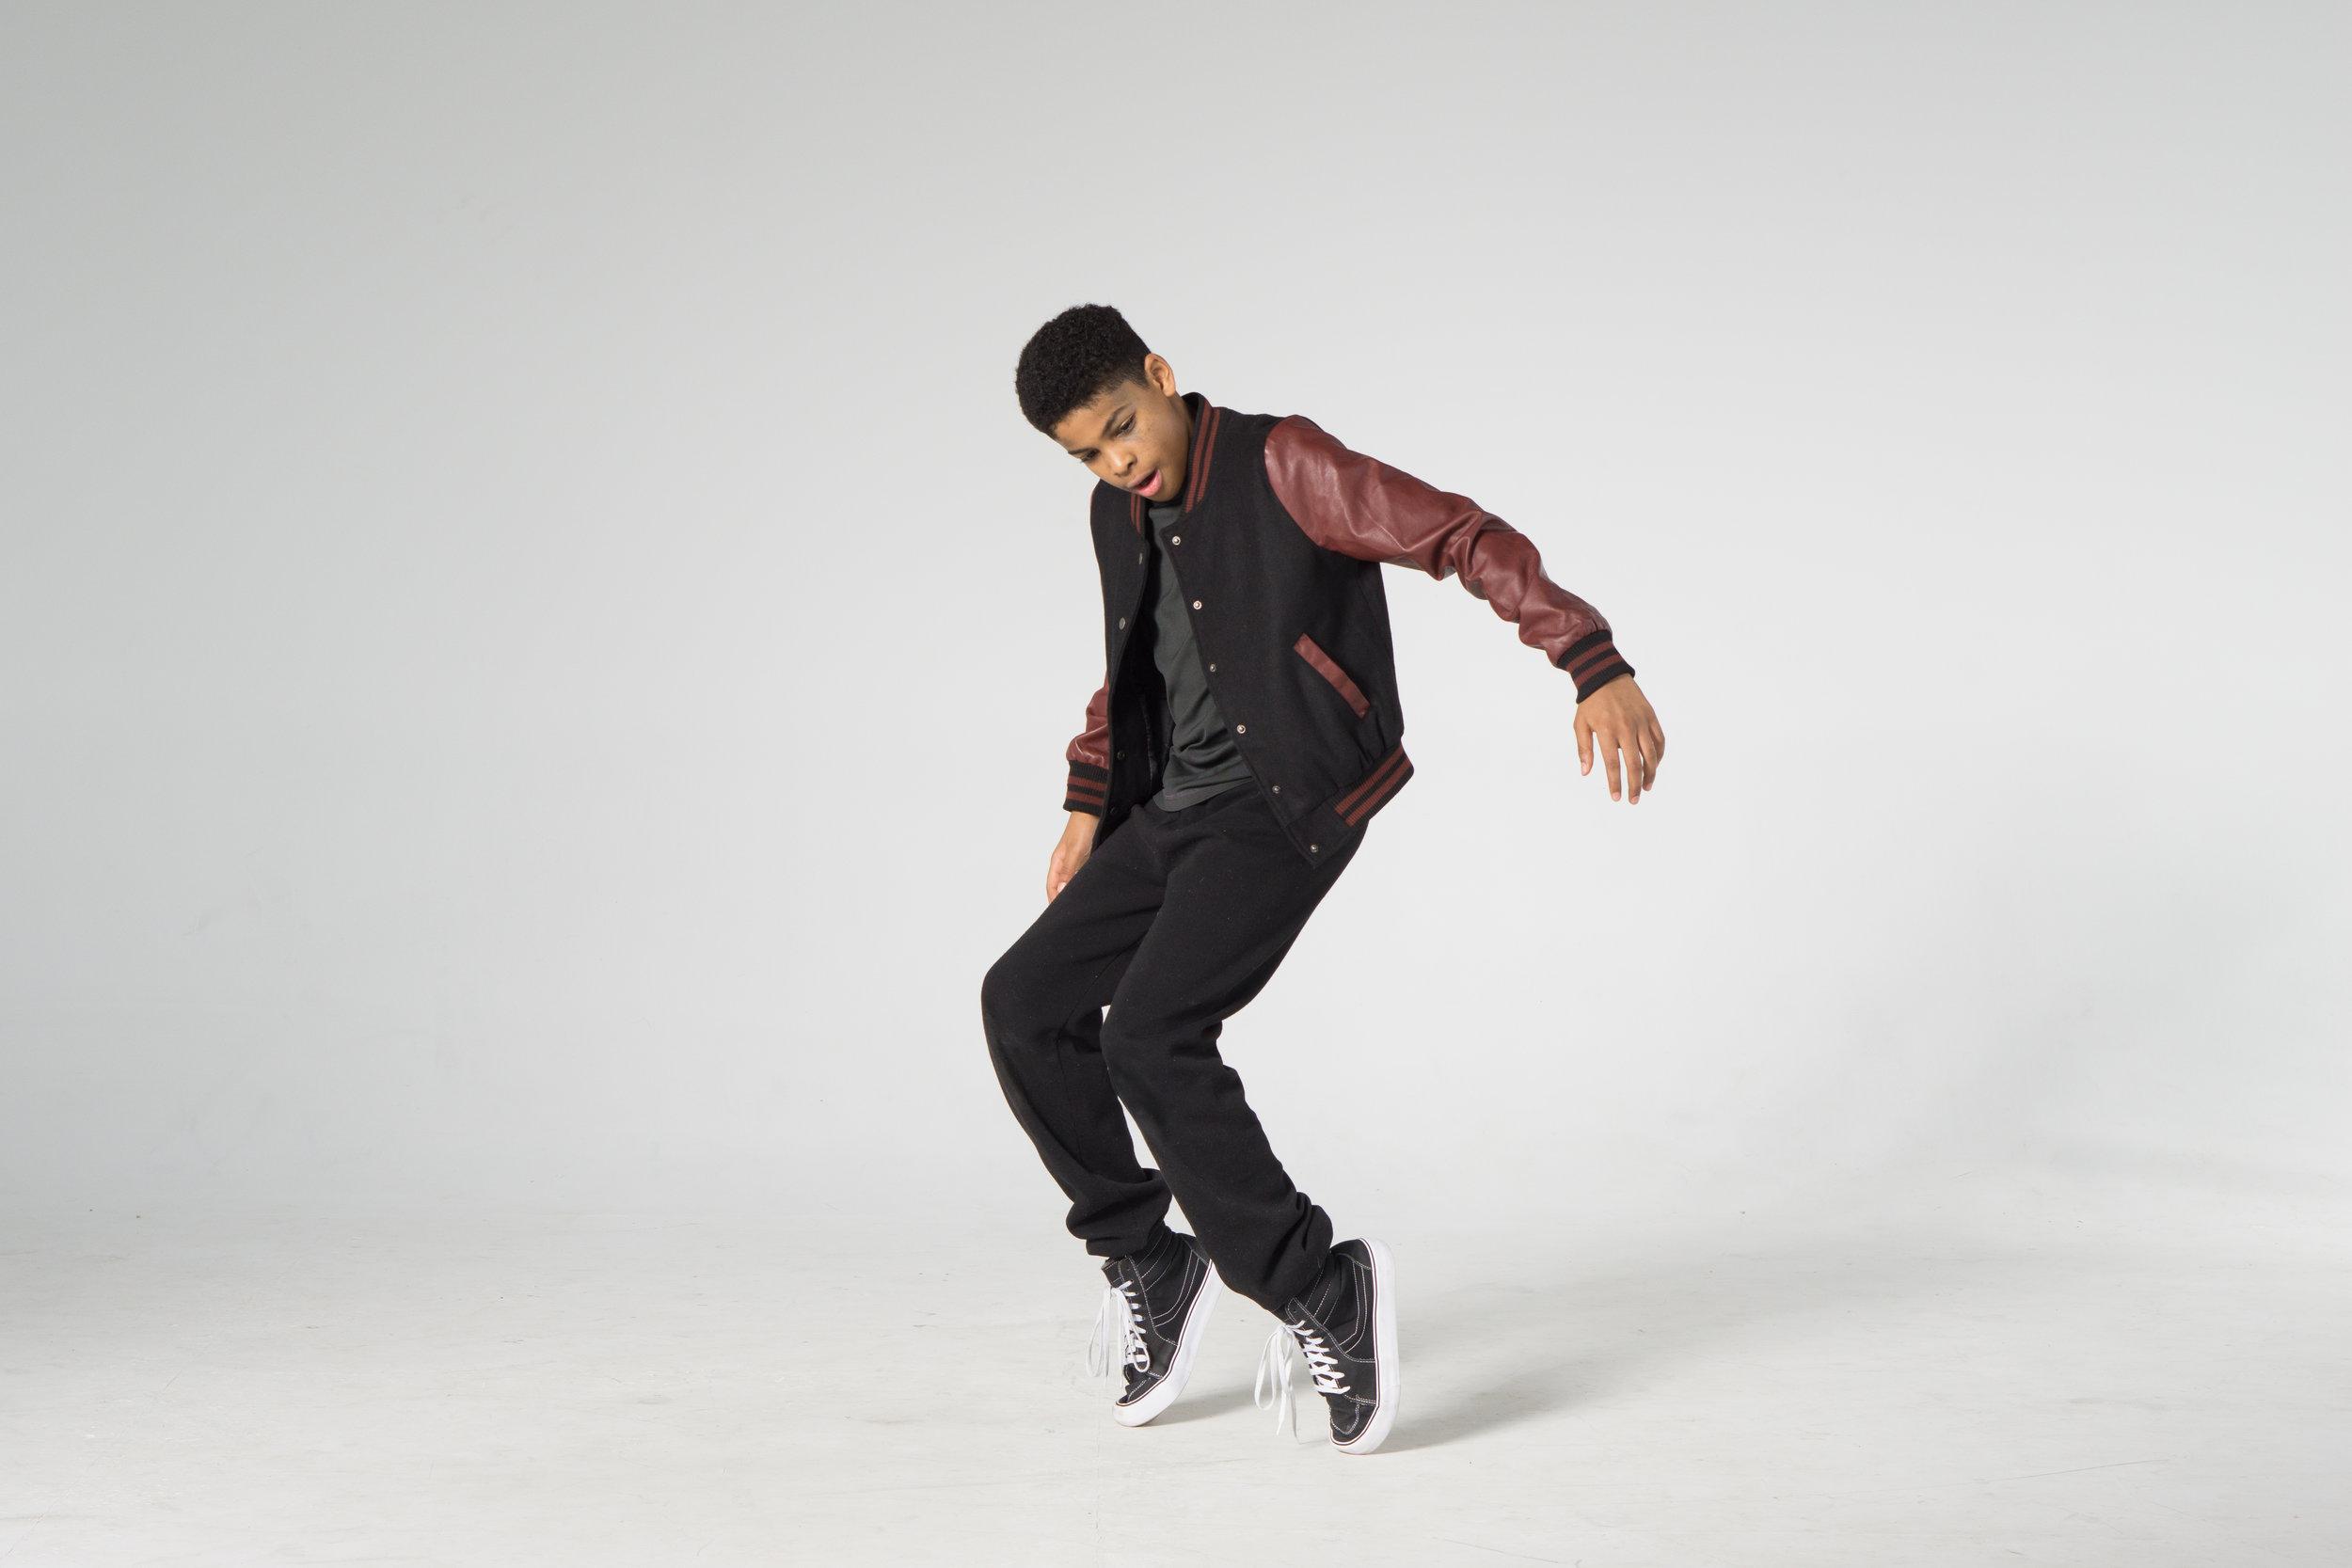 cool hip hop dancer on toes